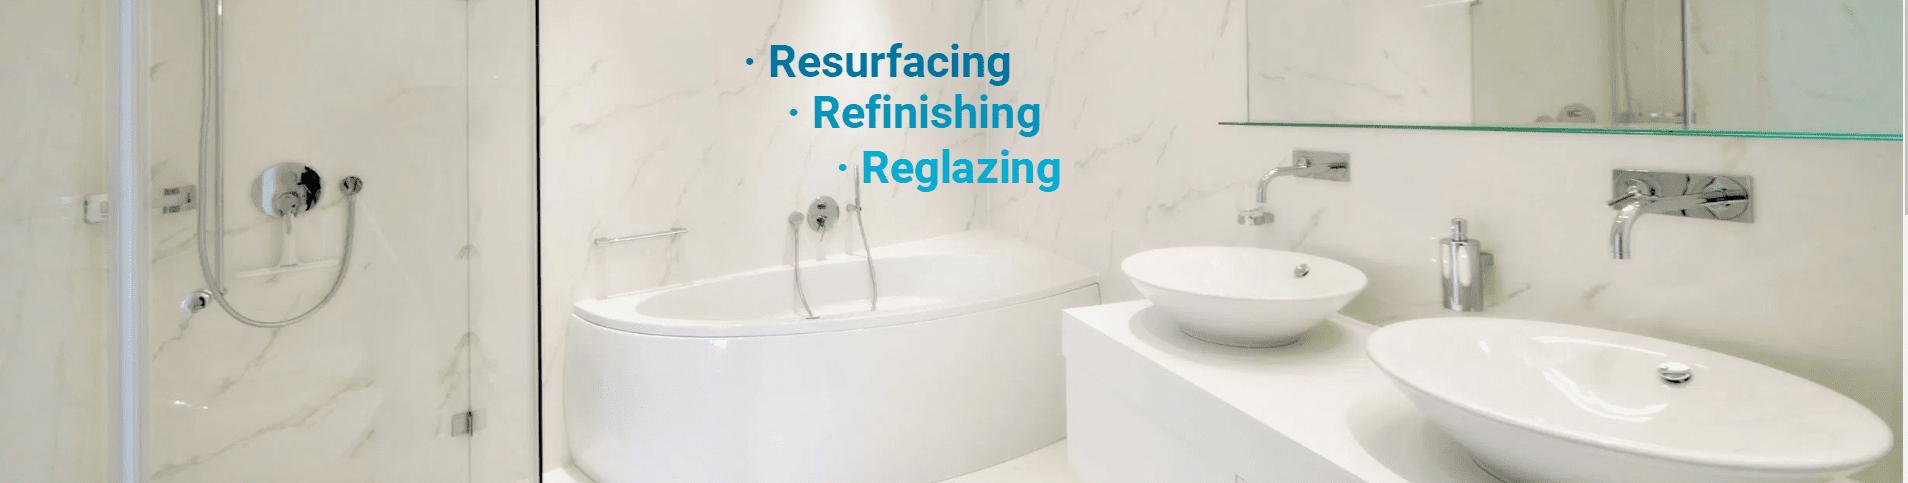 a+ bathtub refinishing slider home page